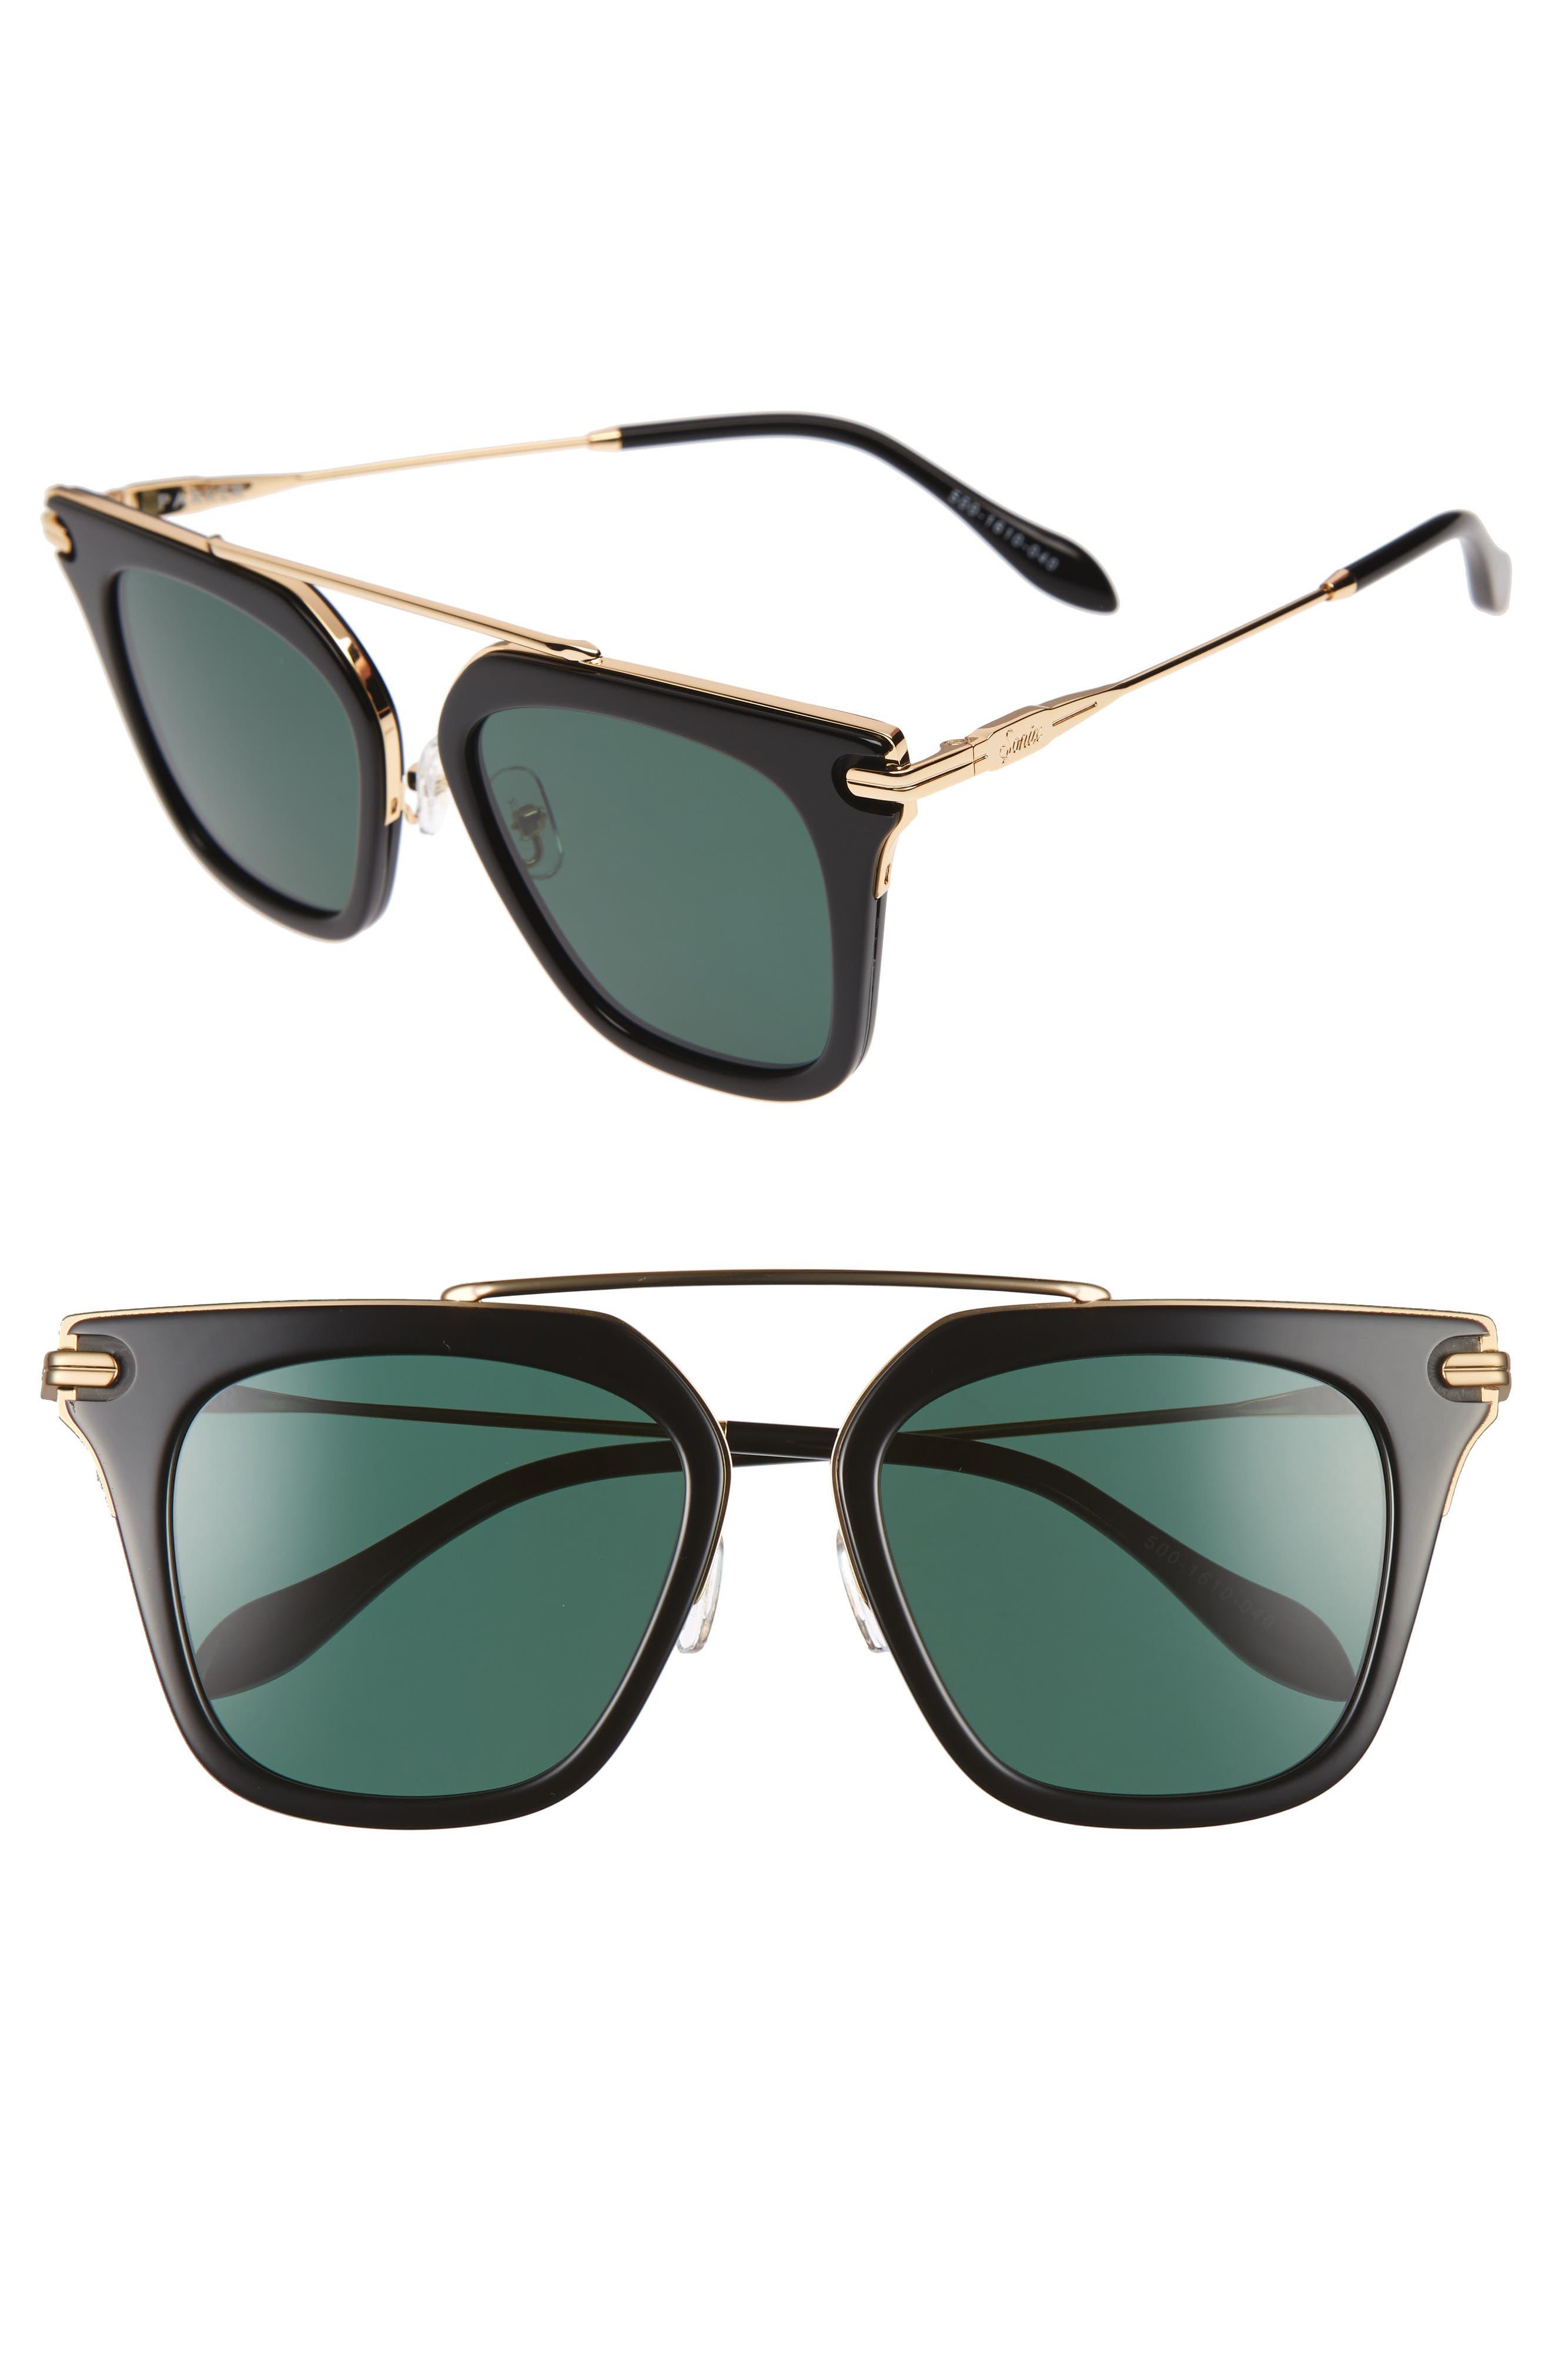 Parker 55mm Sunglasses,                             Alternate thumbnail 2, color,                             001